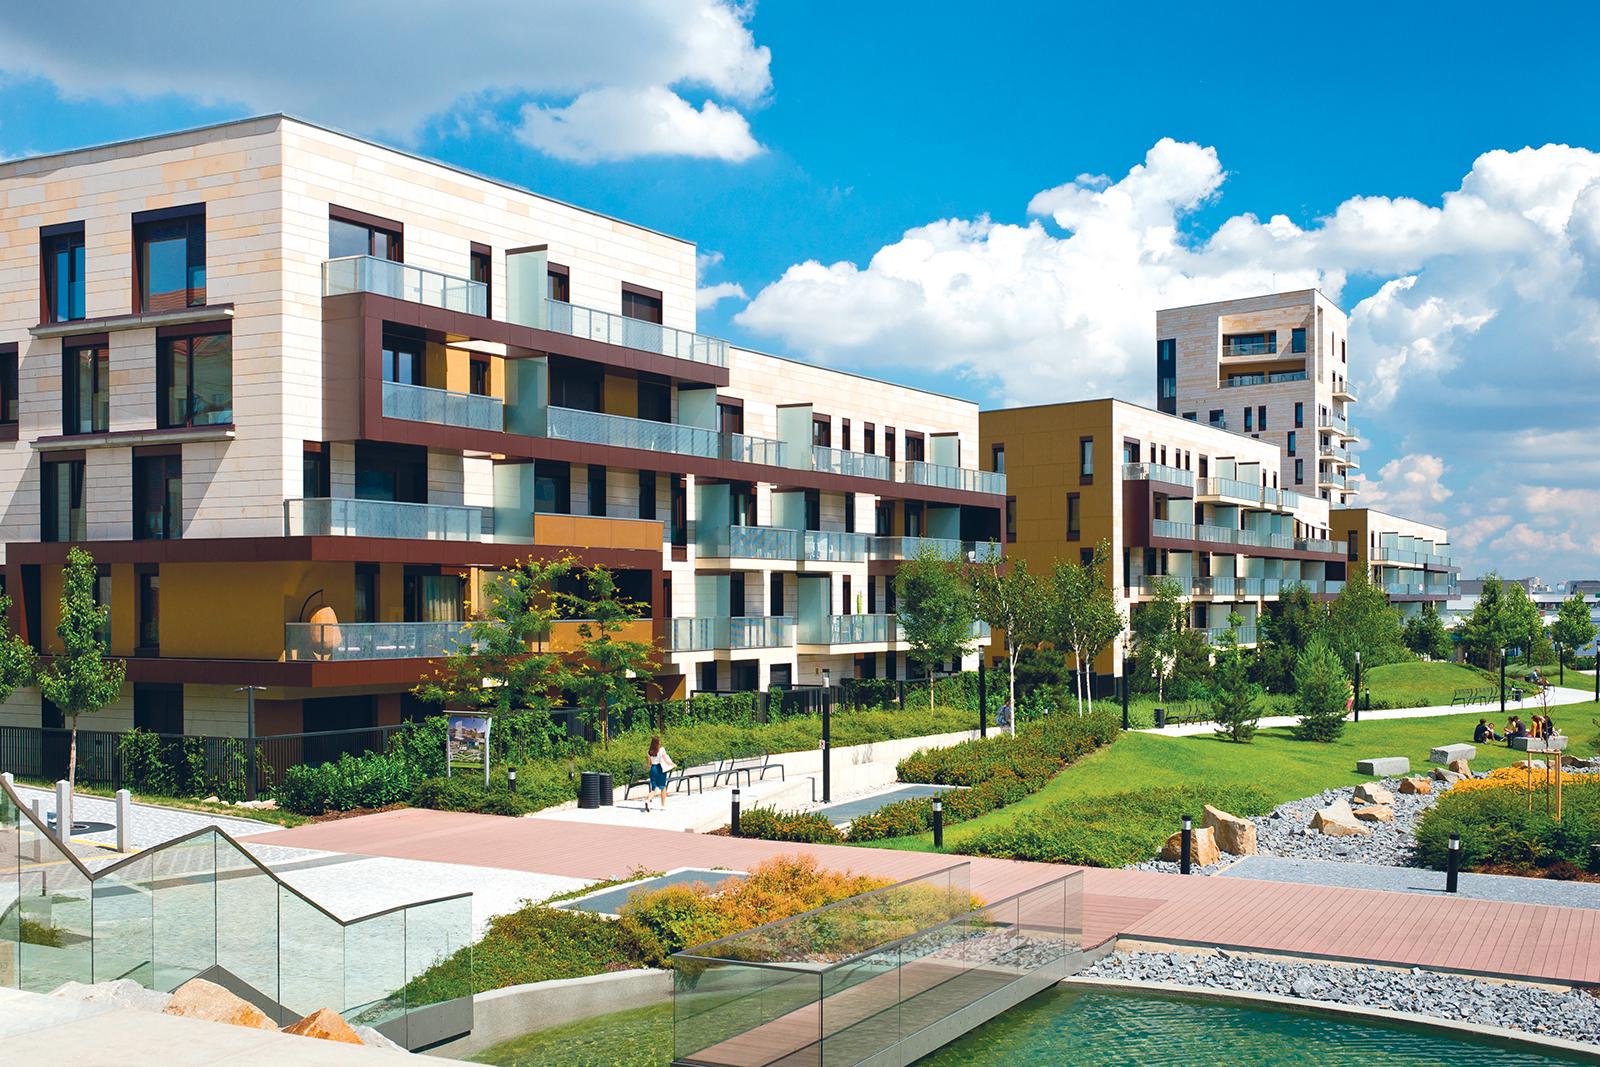 Trouvez un logement <br/>certifié NF Habitat – NF Habitat HQE